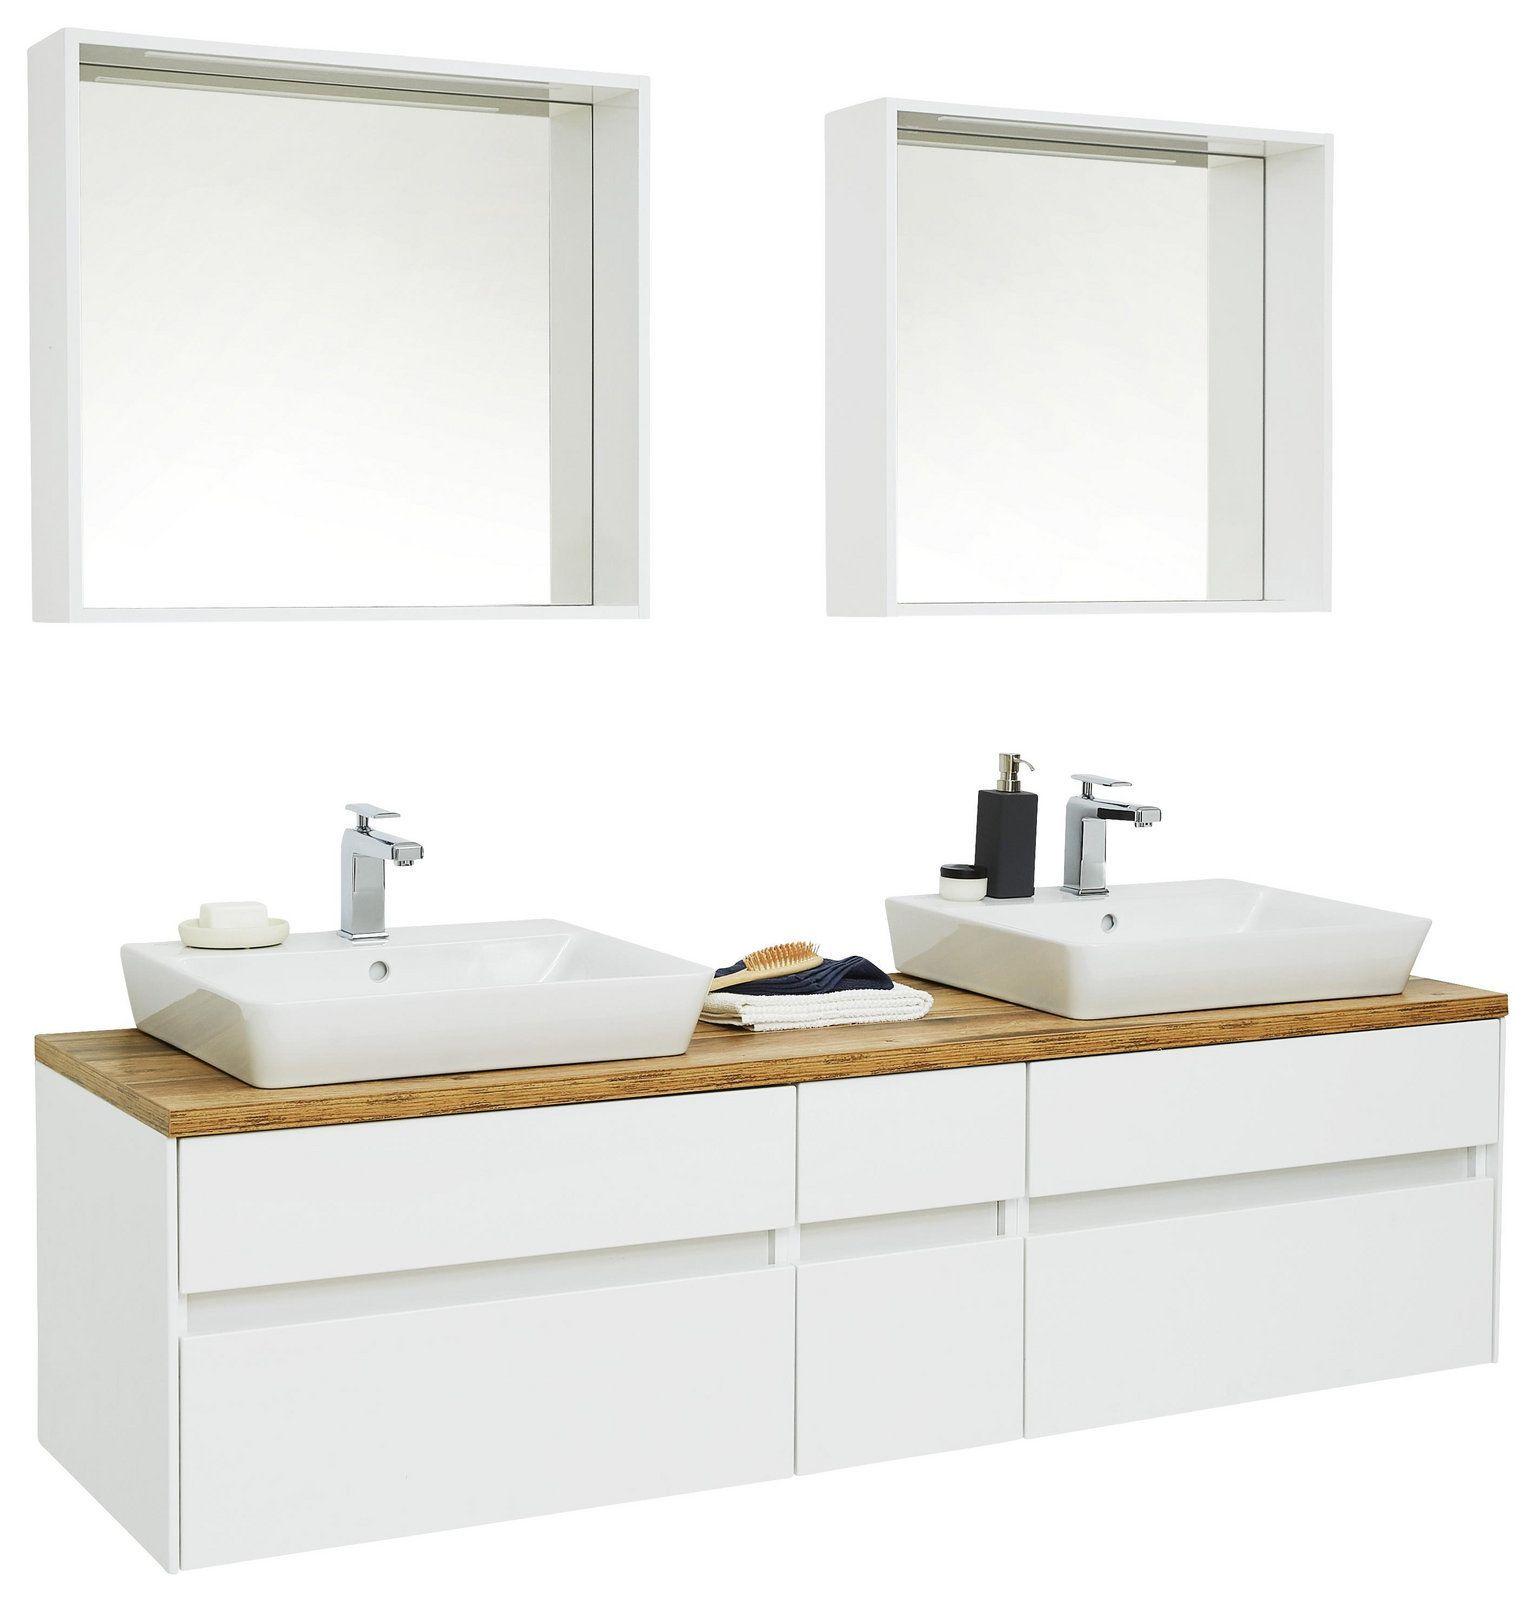 Entdecken Sie Das Badezimmer In Weiss Ohne Griff Badezimmer Das Entdecken Griff Ohne Sie Weiss In 2020 Badezimmer Badezimmer Gestalten Waschbeckenunterschrank